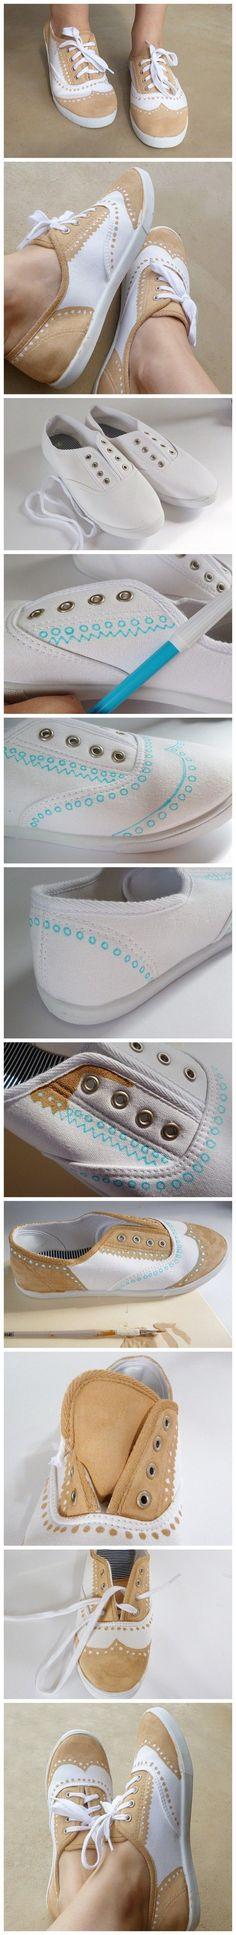 & SG : Hippe schoenen voor in het voorjaar #schoenen #pimpen #creatief #voorjaar #patroon